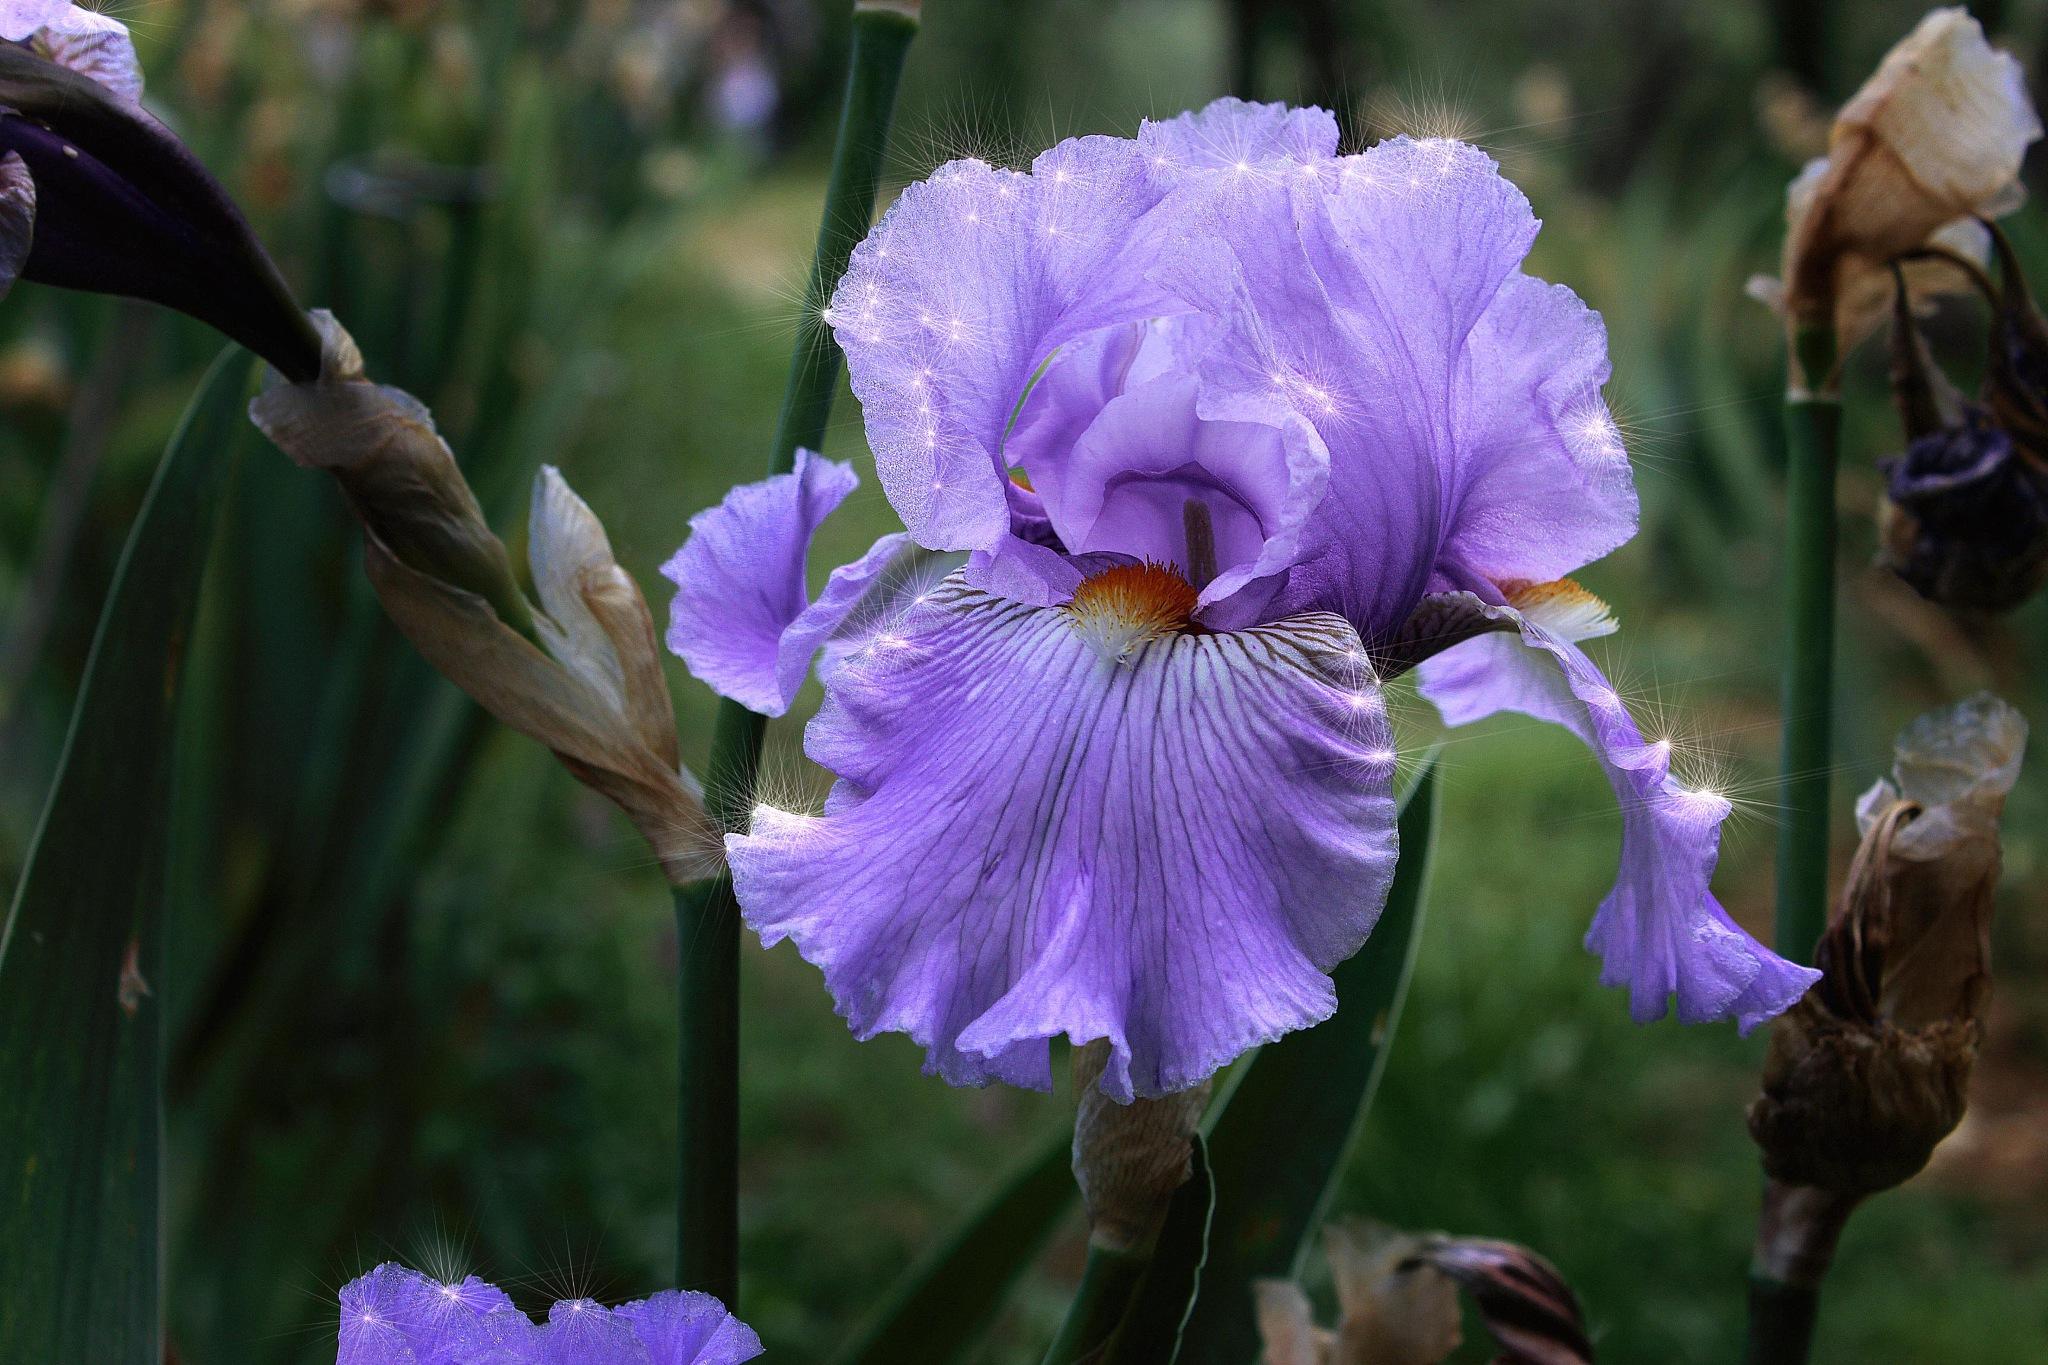 Iris Magico by silvestro cappellini